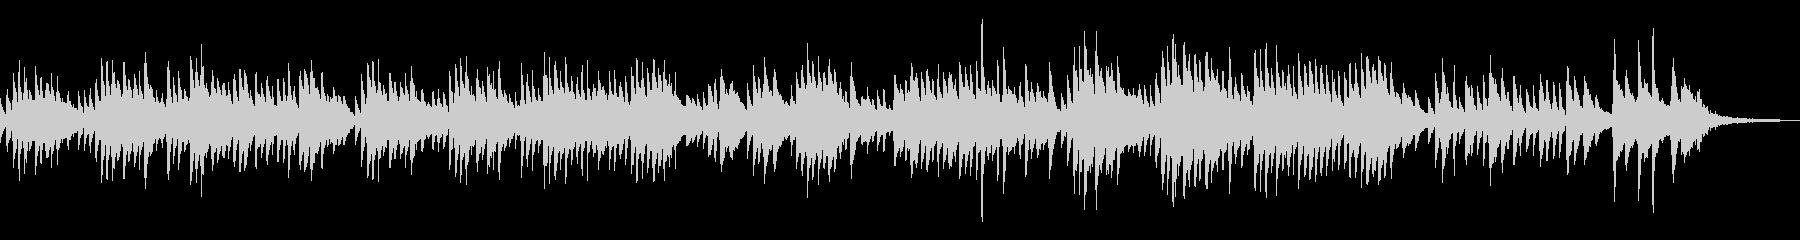 ヒーリング・ソロピアノの哀愁的なメロディの未再生の波形